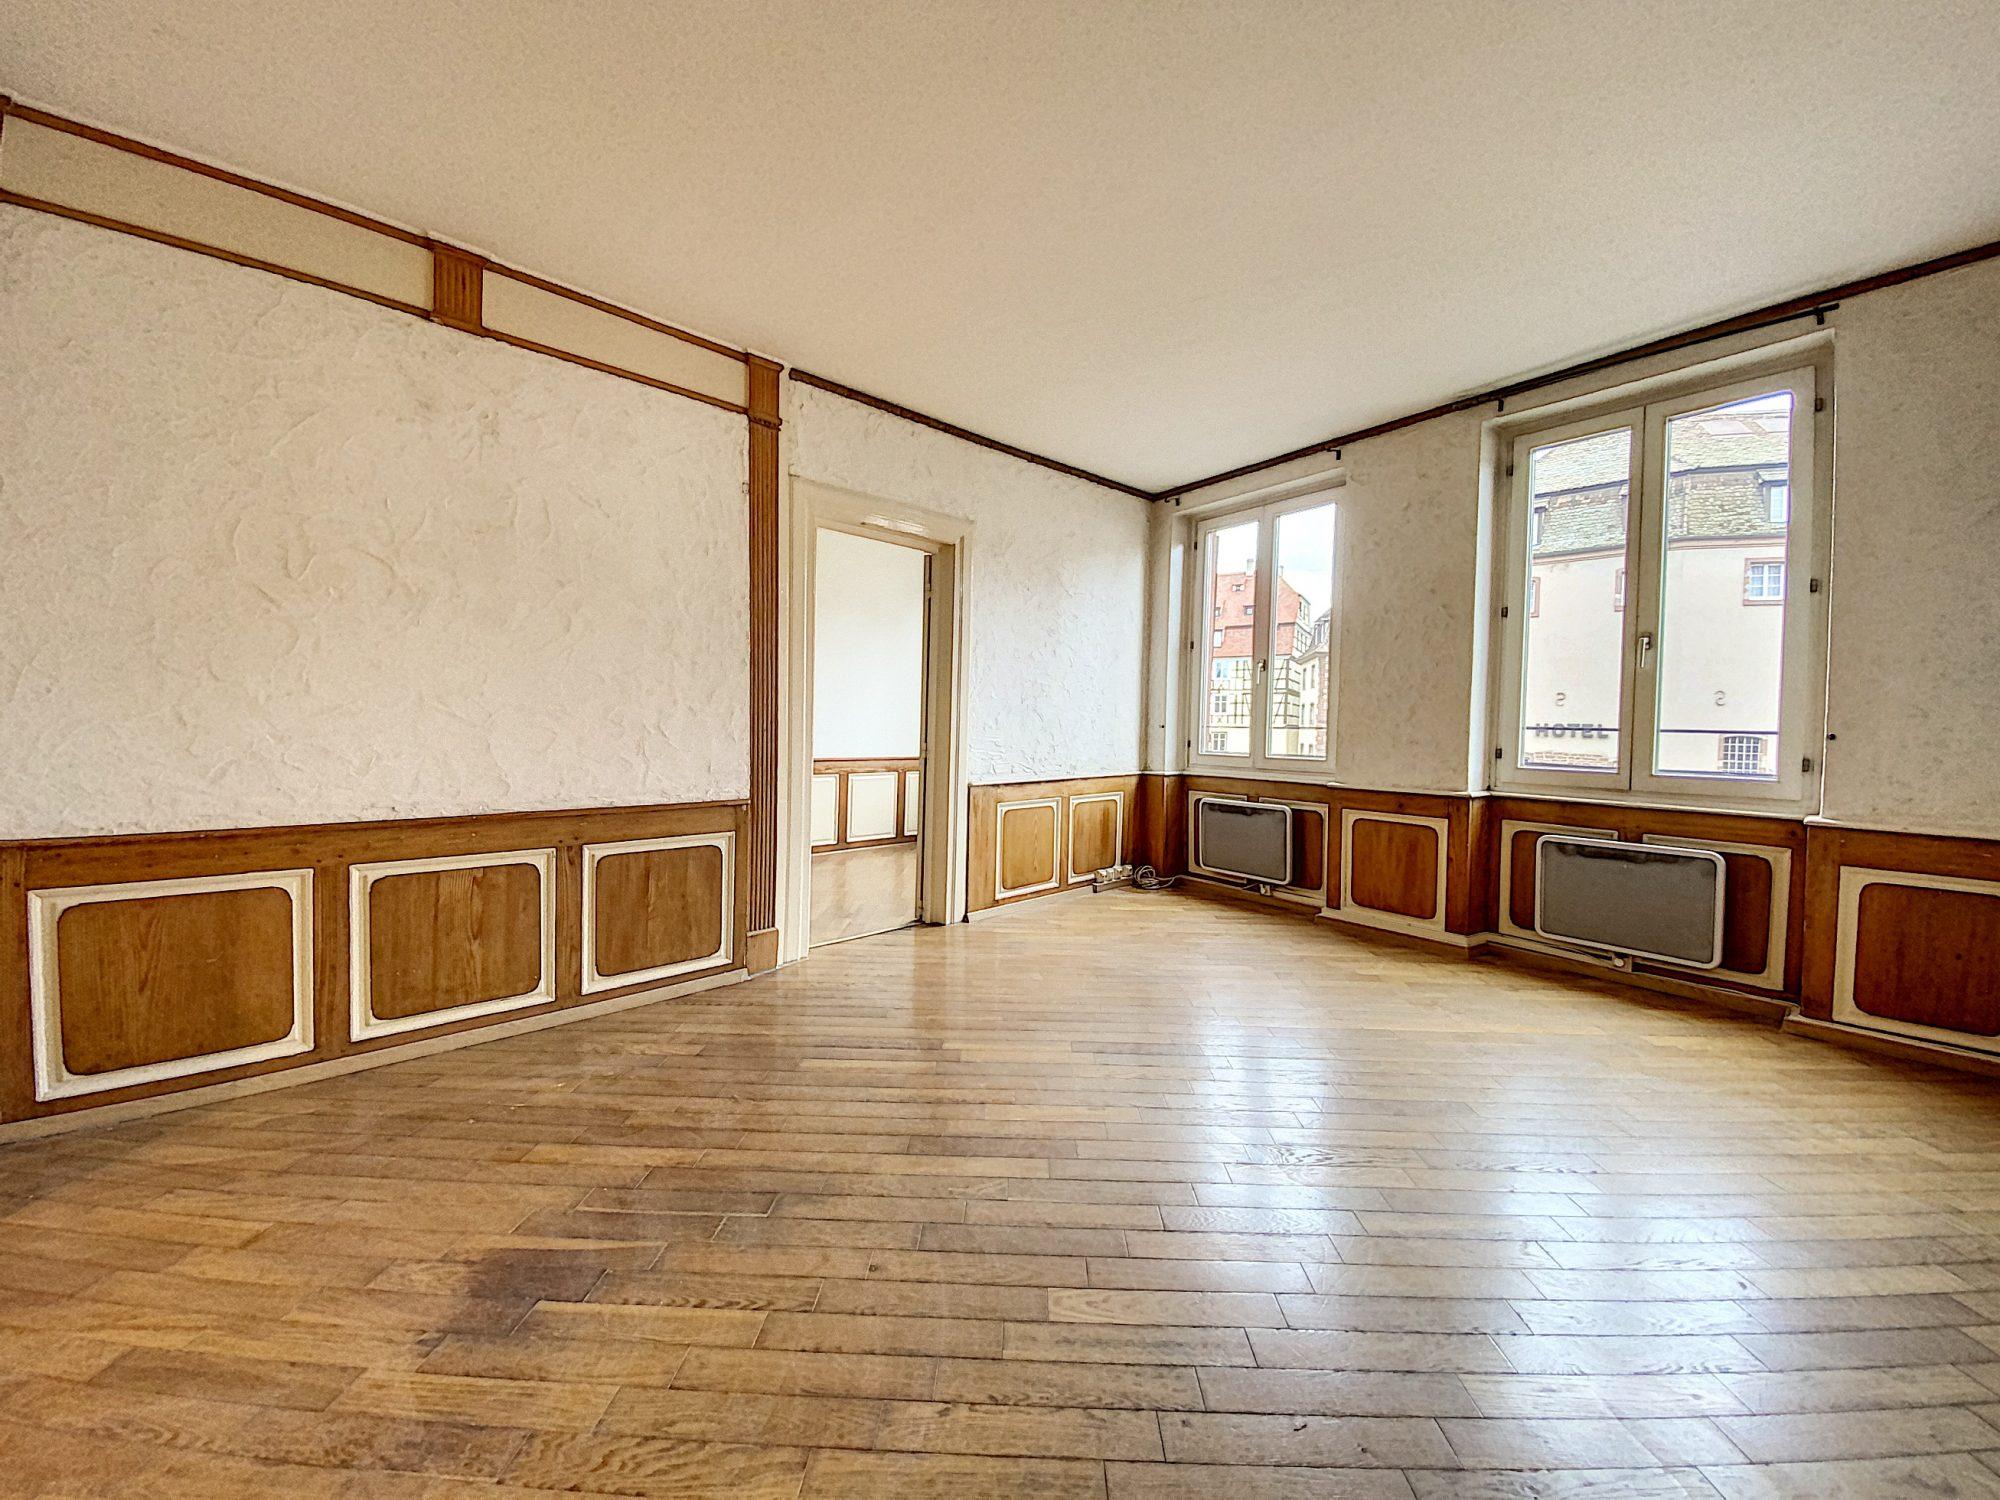 T2 PETITE FRANCE - Devenez locataire en toute sérénité - Bintz Immobilier - 4